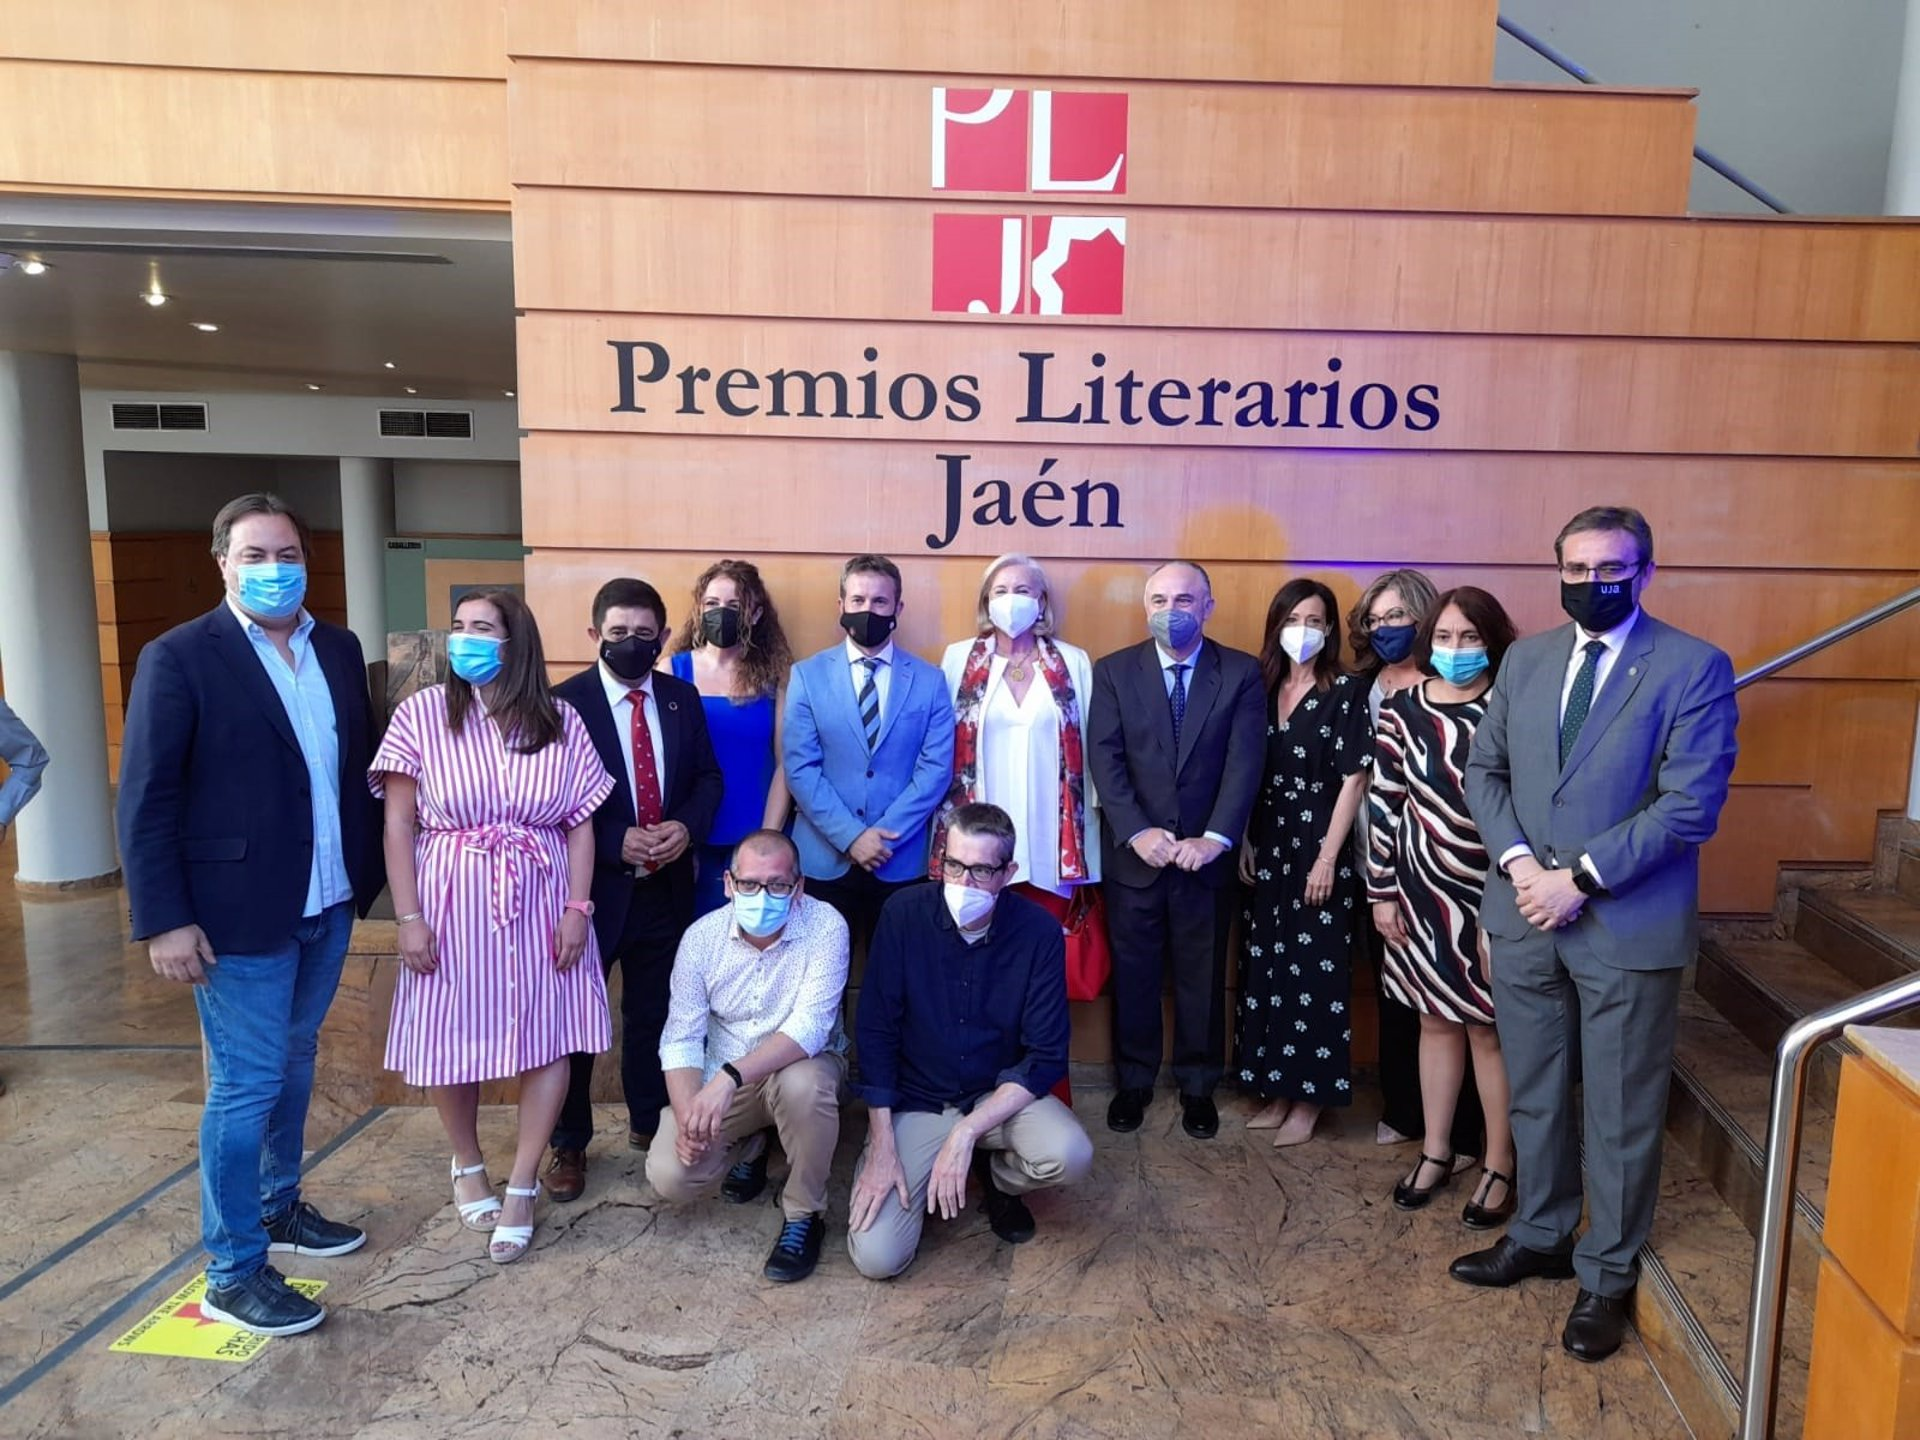 Máximo Pradera, Sandro Luna y Susana Herrero, ganadores de los XXXVI 'Premios Literarios Jaén' de CajaGranada Fundación y CaixaBank